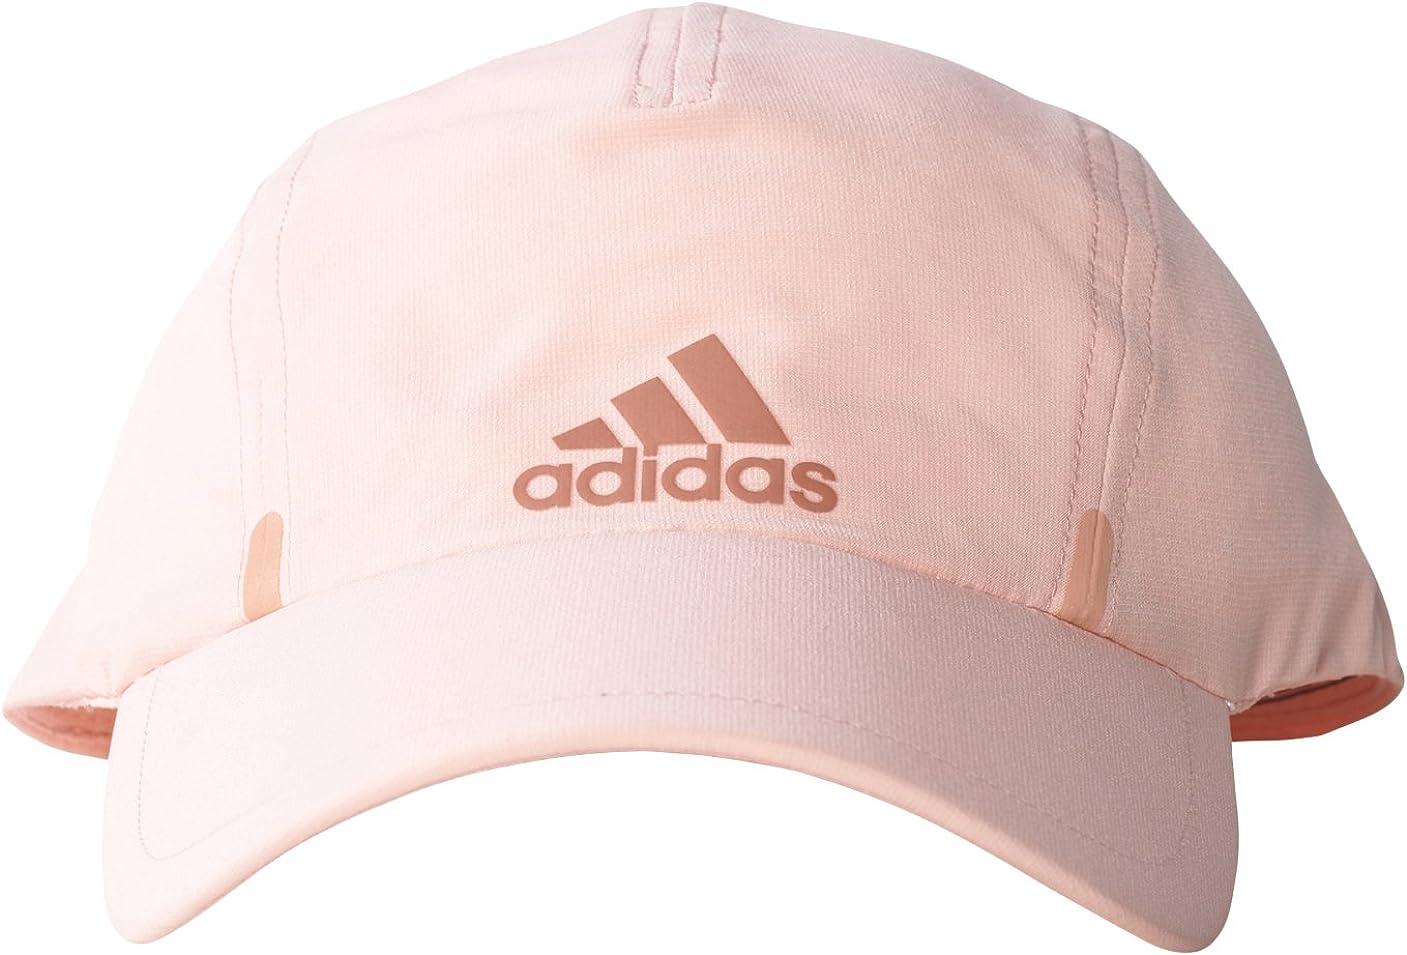 adidas Run Clmlt Gorra de Tenis, Hombre: Amazon.es: Ropa y accesorios